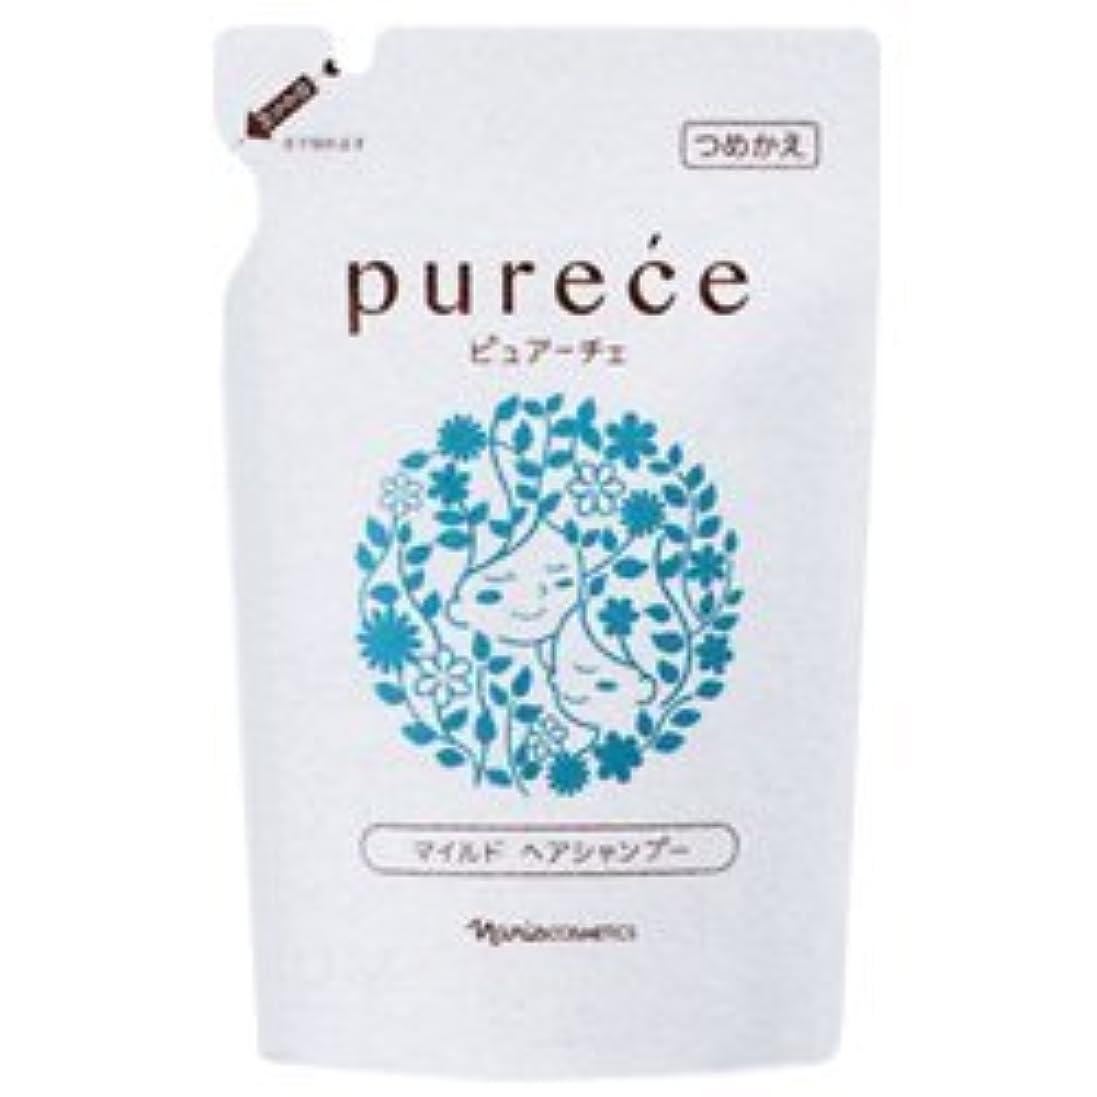 収縮ボルト生ナリス化粧品 ピュアーチェ(PURECE) マイルドヘアシャンプーLS カエ 450ml [レフィル]